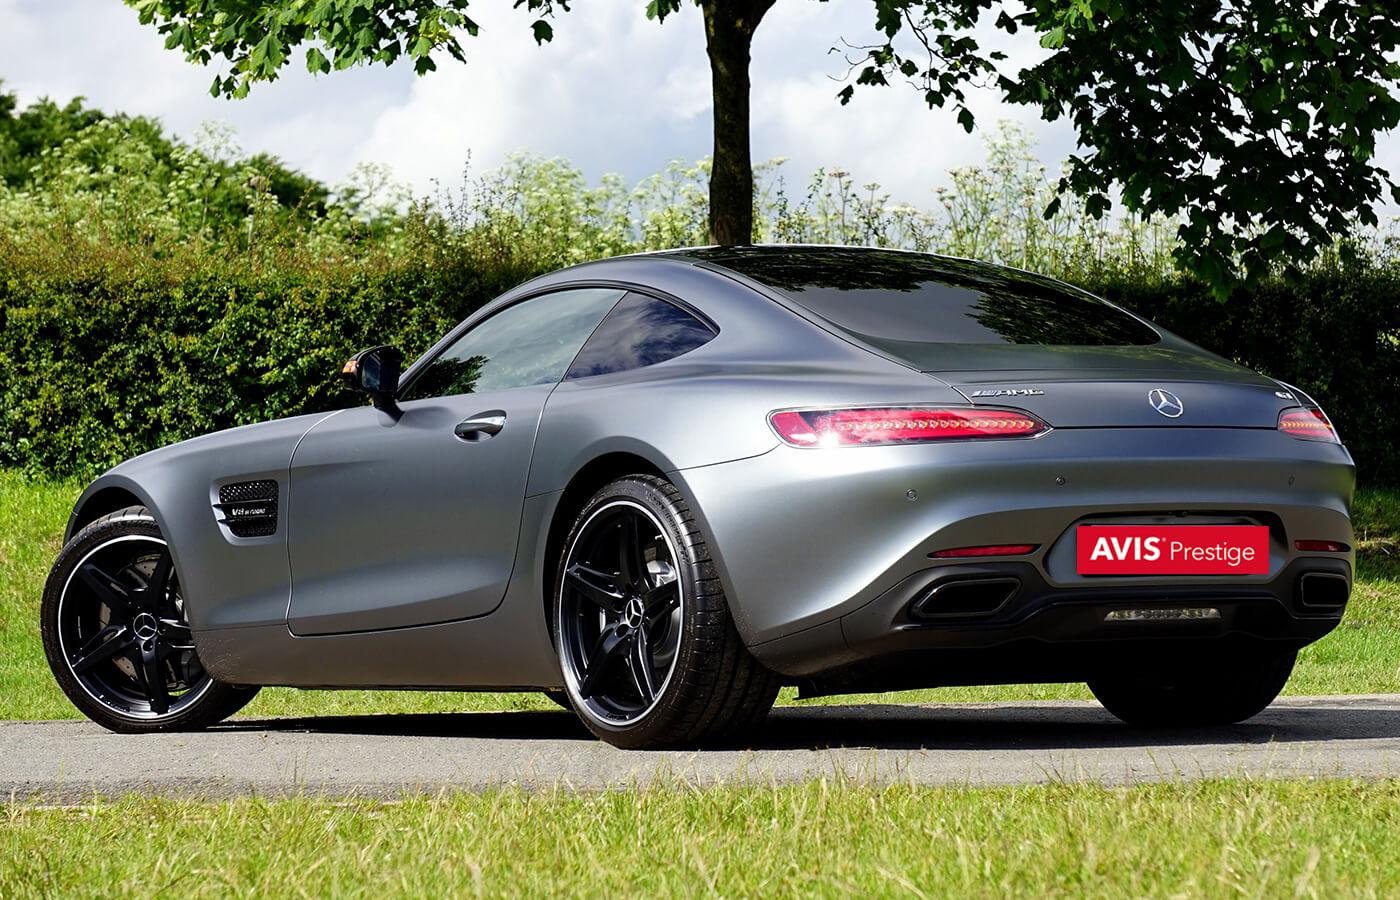 Avis Prestige <br> Miles and Miles Ltd